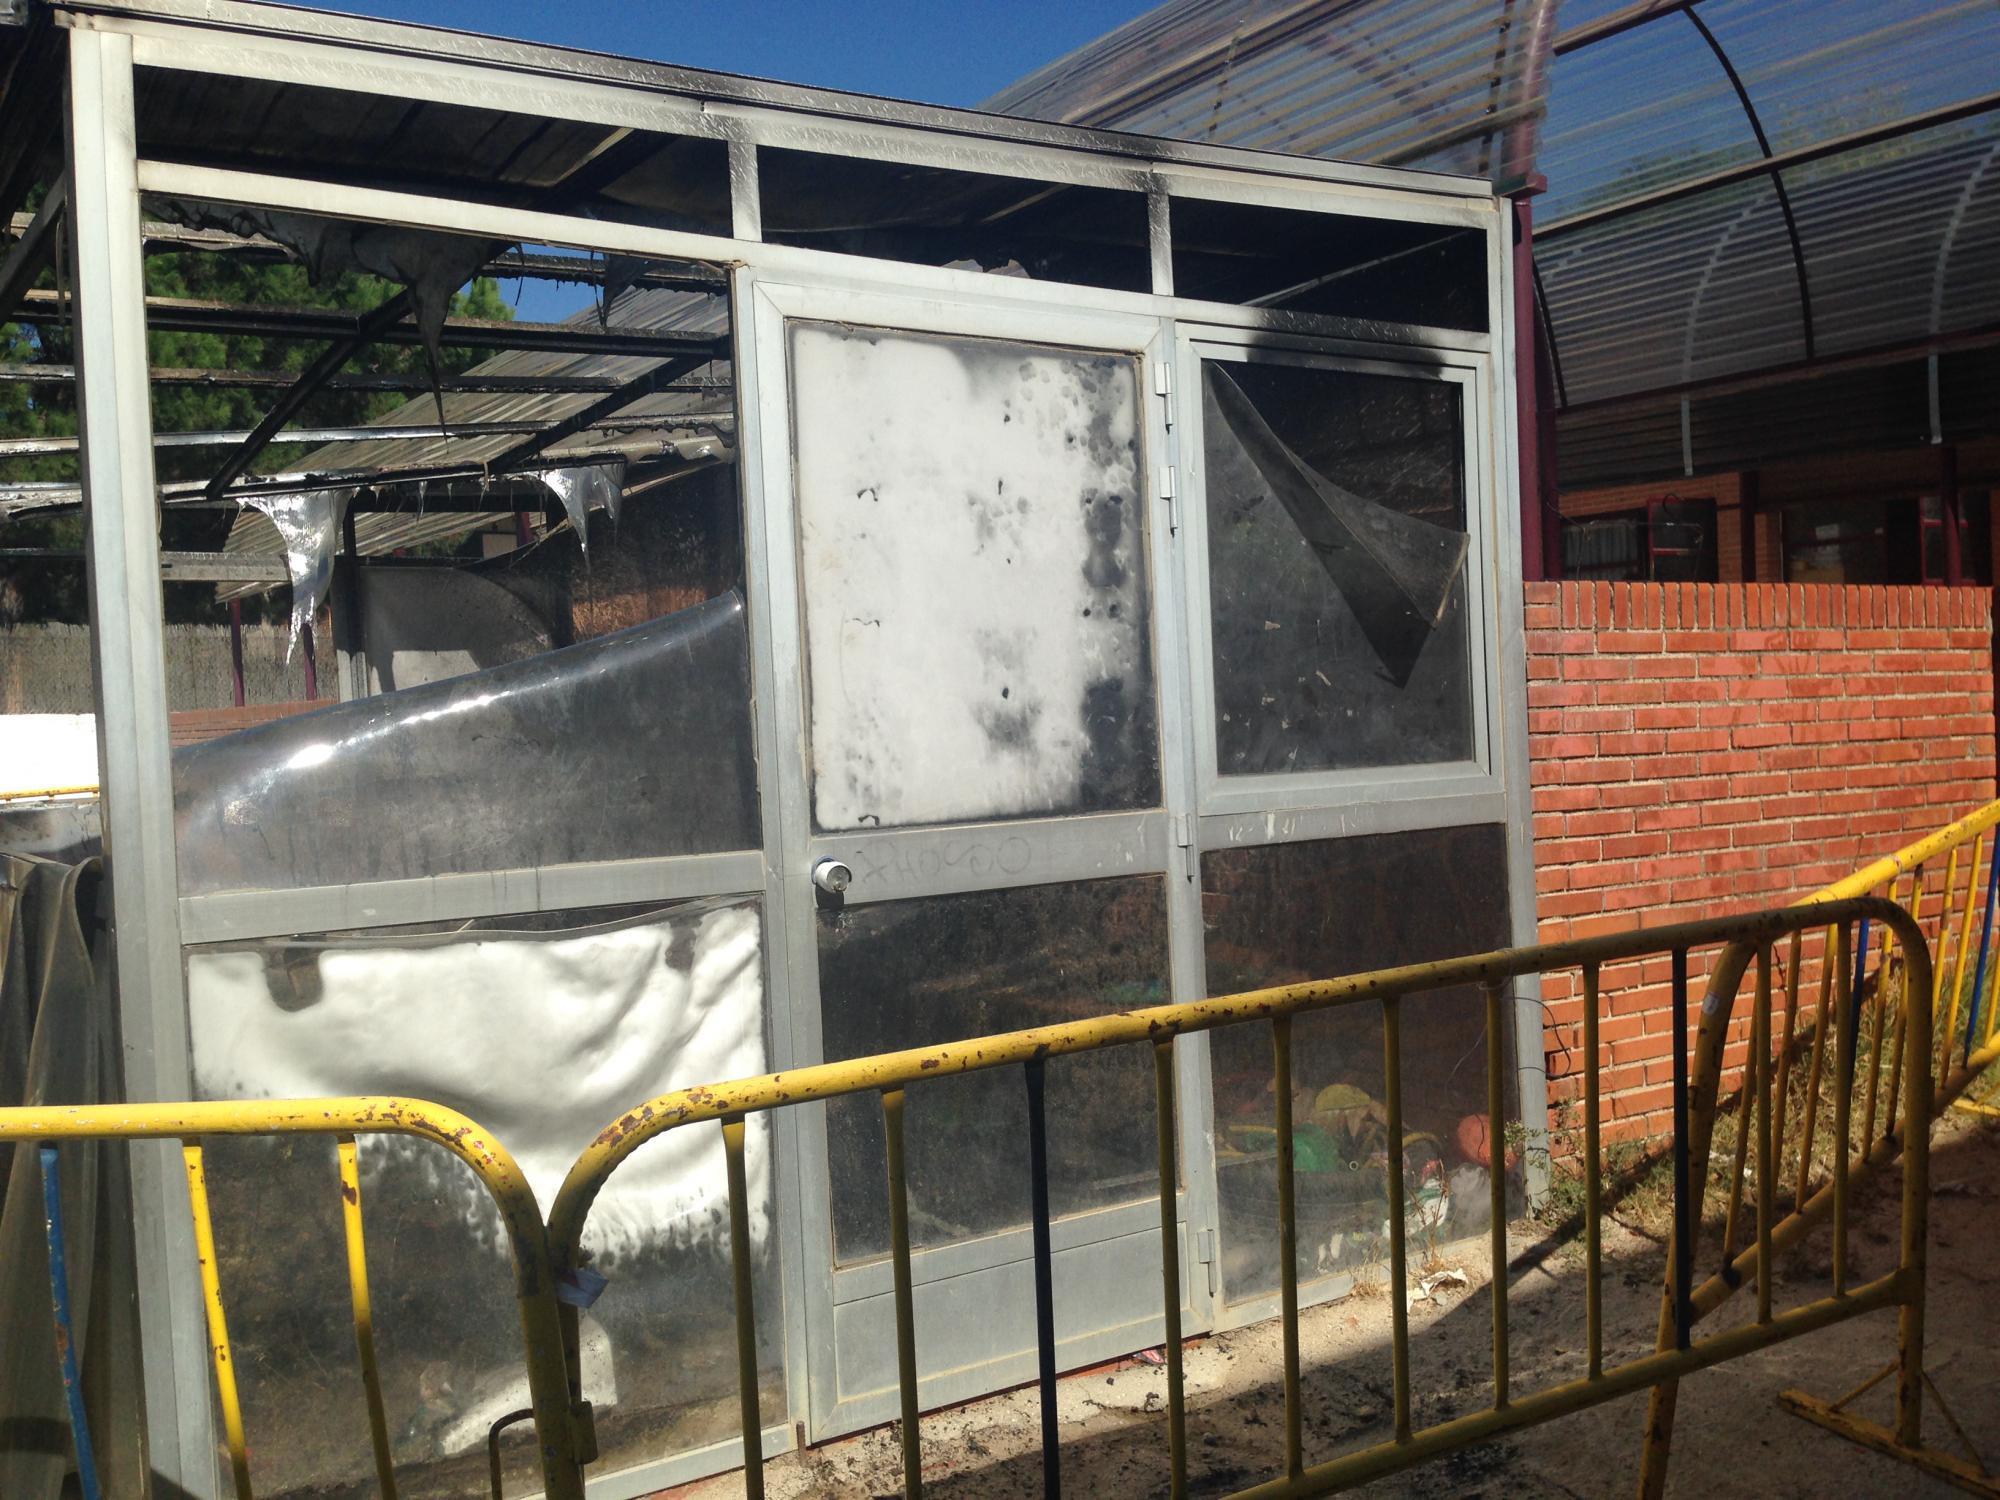 Un incendio calcina el invernadero del Colegio Público Nuestra Señora de Lourdes